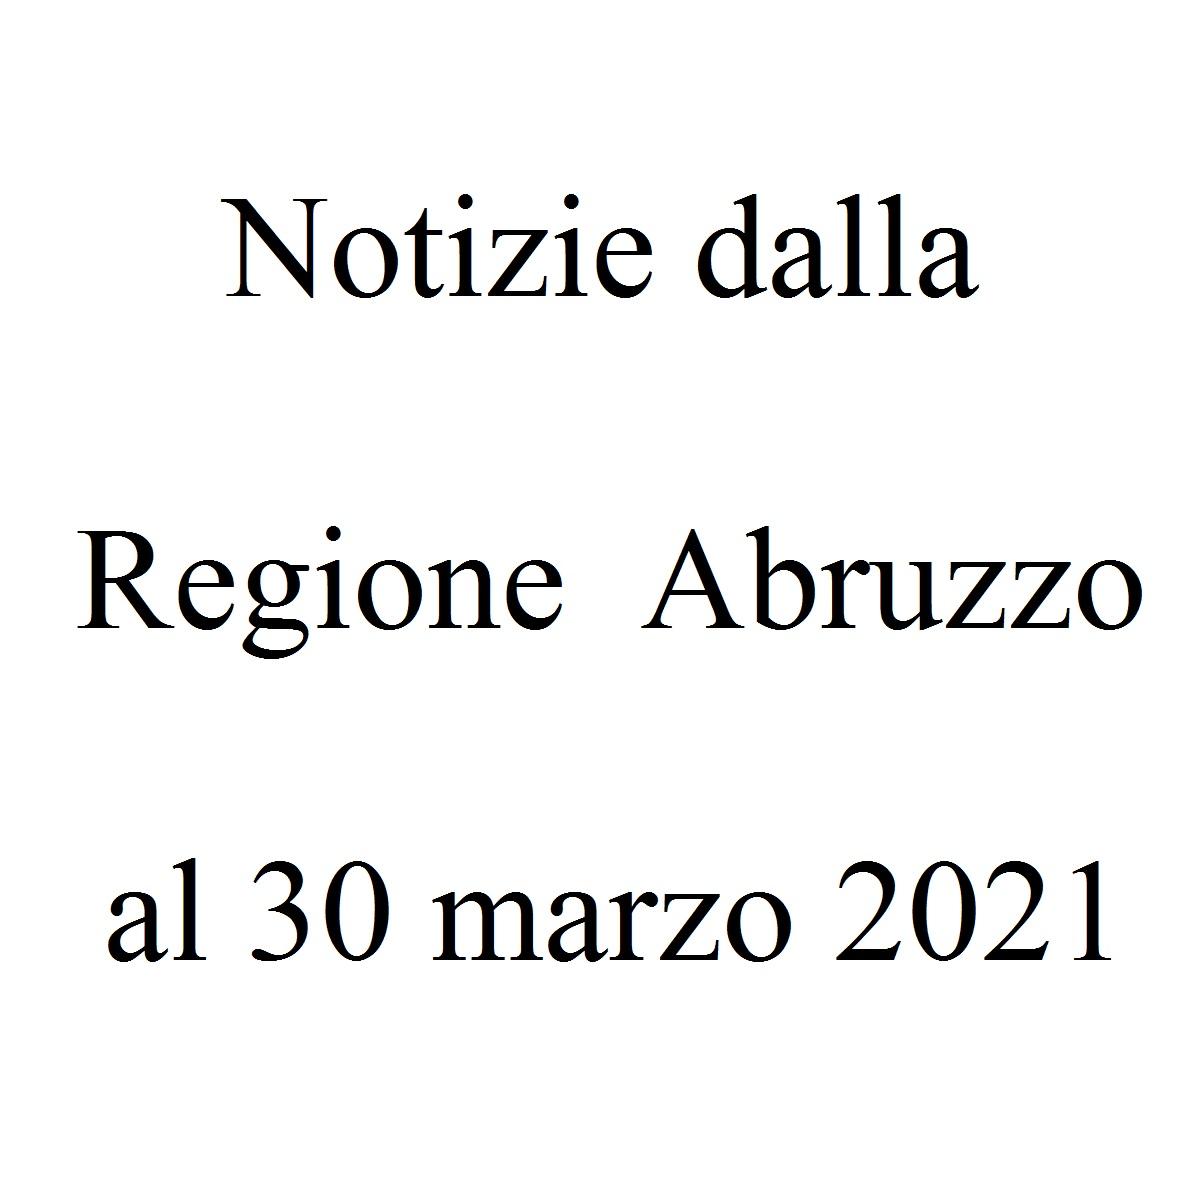 Notizie dalla Regione Abruzzo al 30 marzo 2021 foto